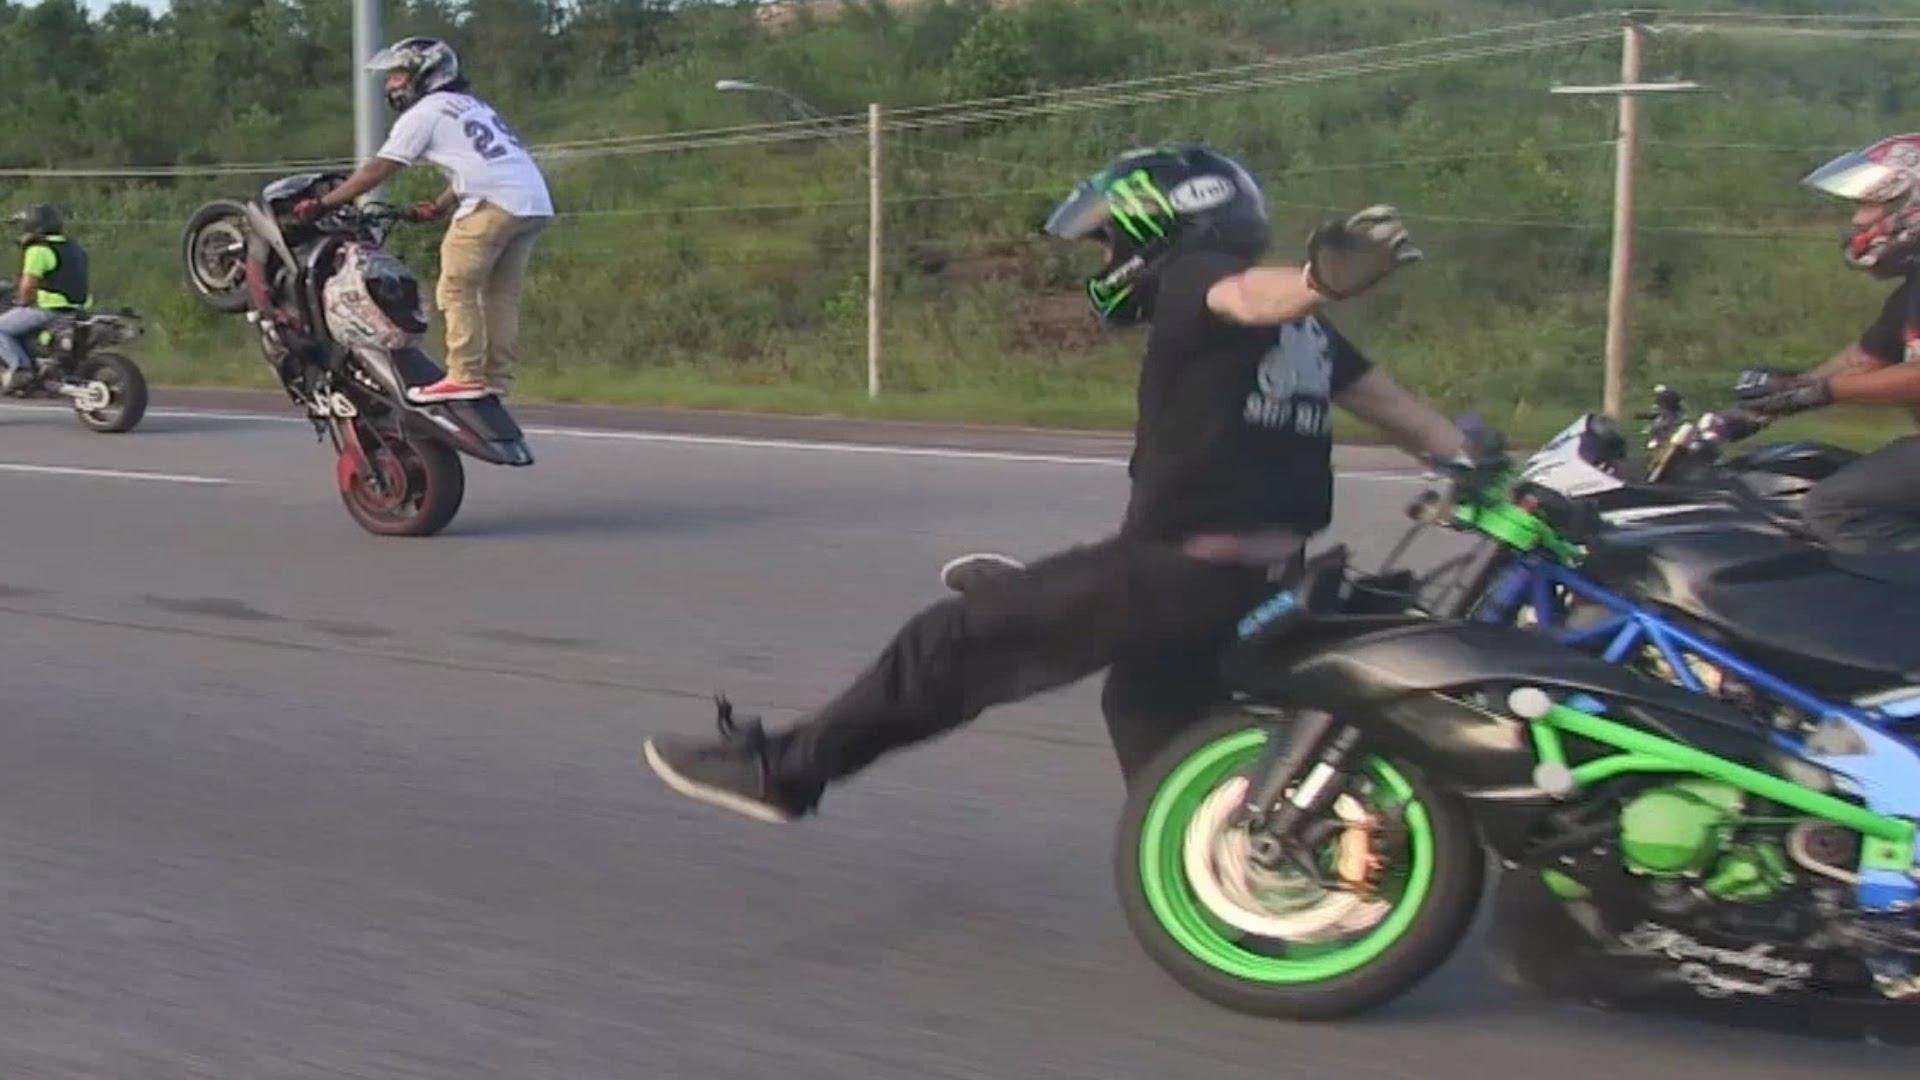 هكذا انتهى استعراض مهاري على دراجة نارية